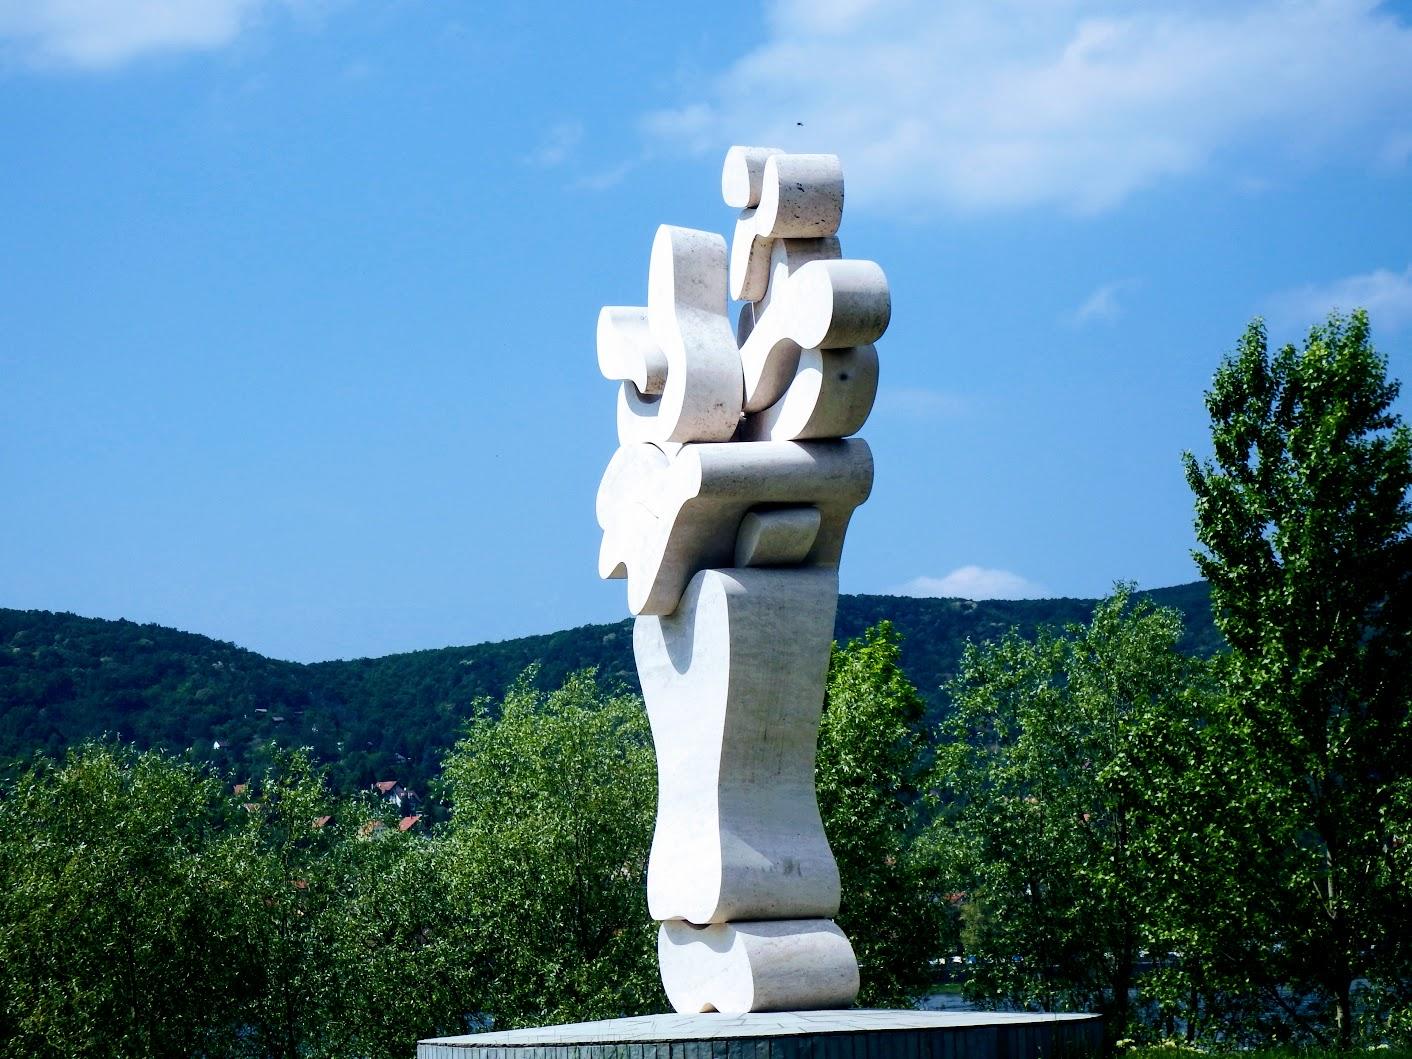 Visegrád - Életfa (Milleniumi emlékmű) a Duna-parton